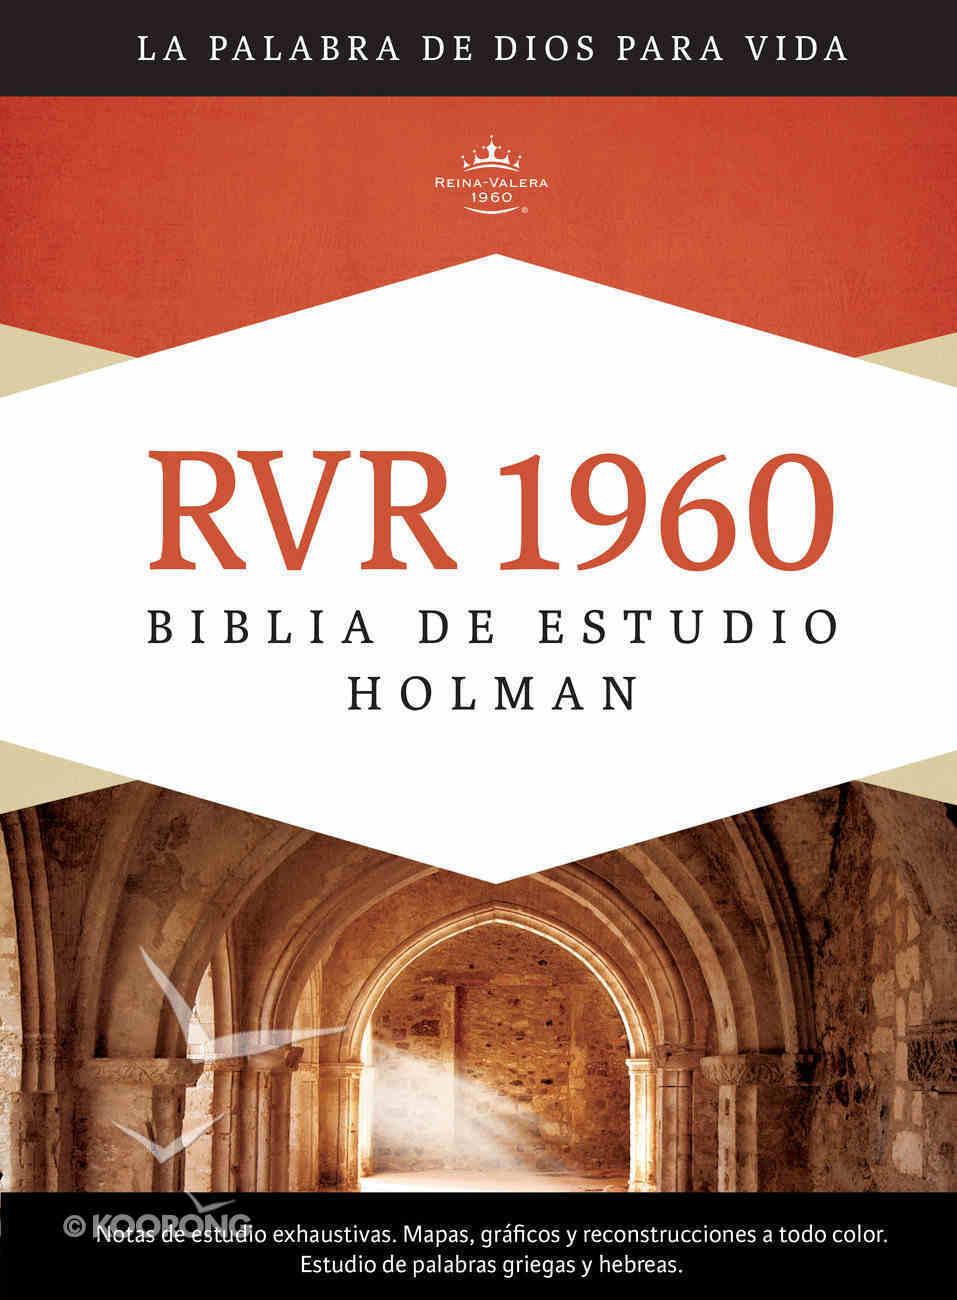 Rvr 1960 Biblia De Estudio Holman, Tapa Dura Hardback